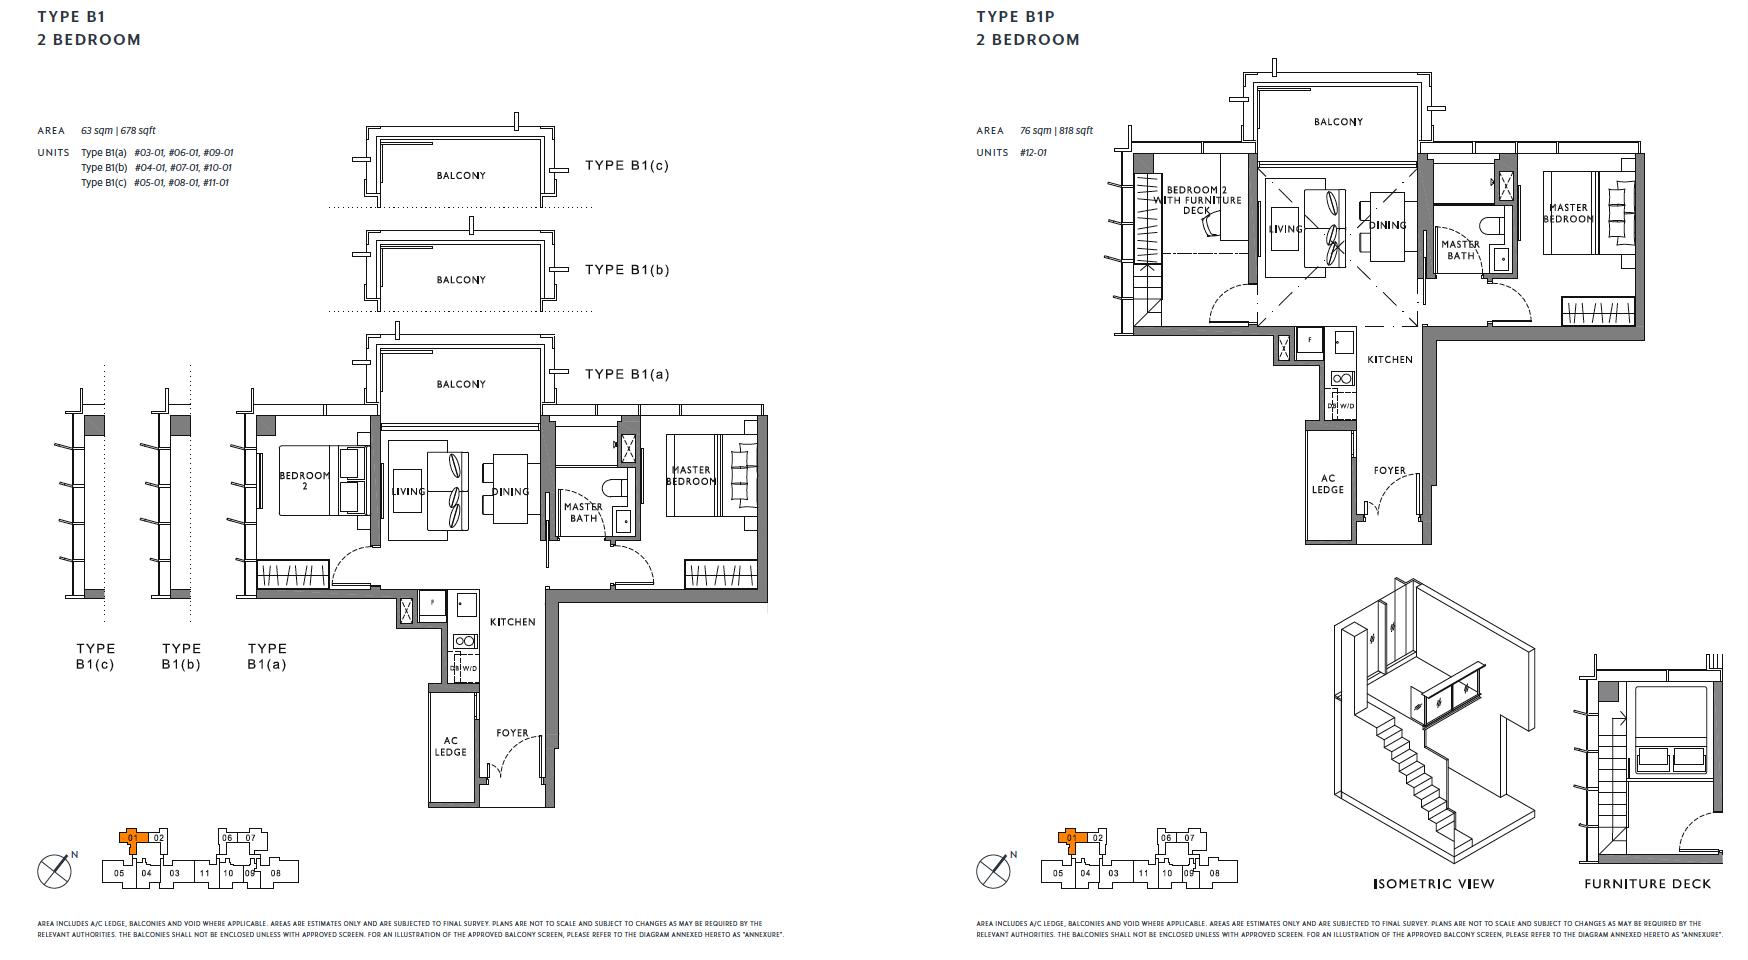 The-Hyde-2-bedroom-floor-plan